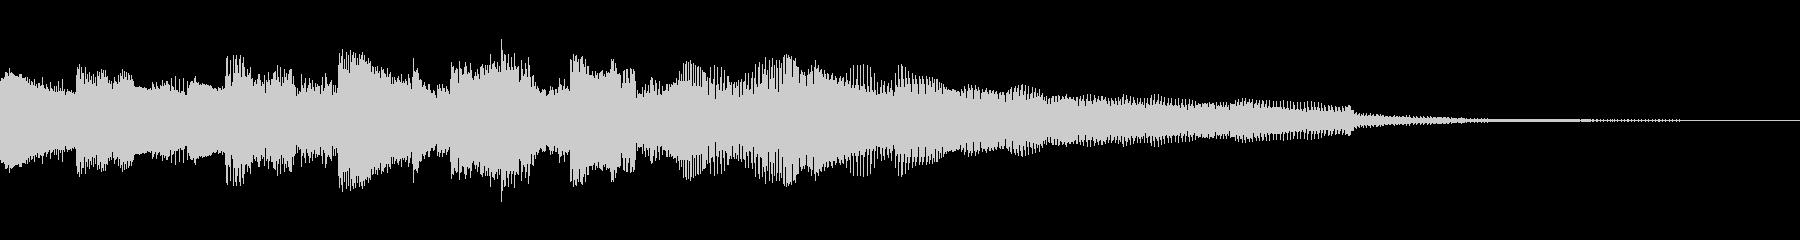 不気味で浮遊感のあるエレピのジングルの未再生の波形